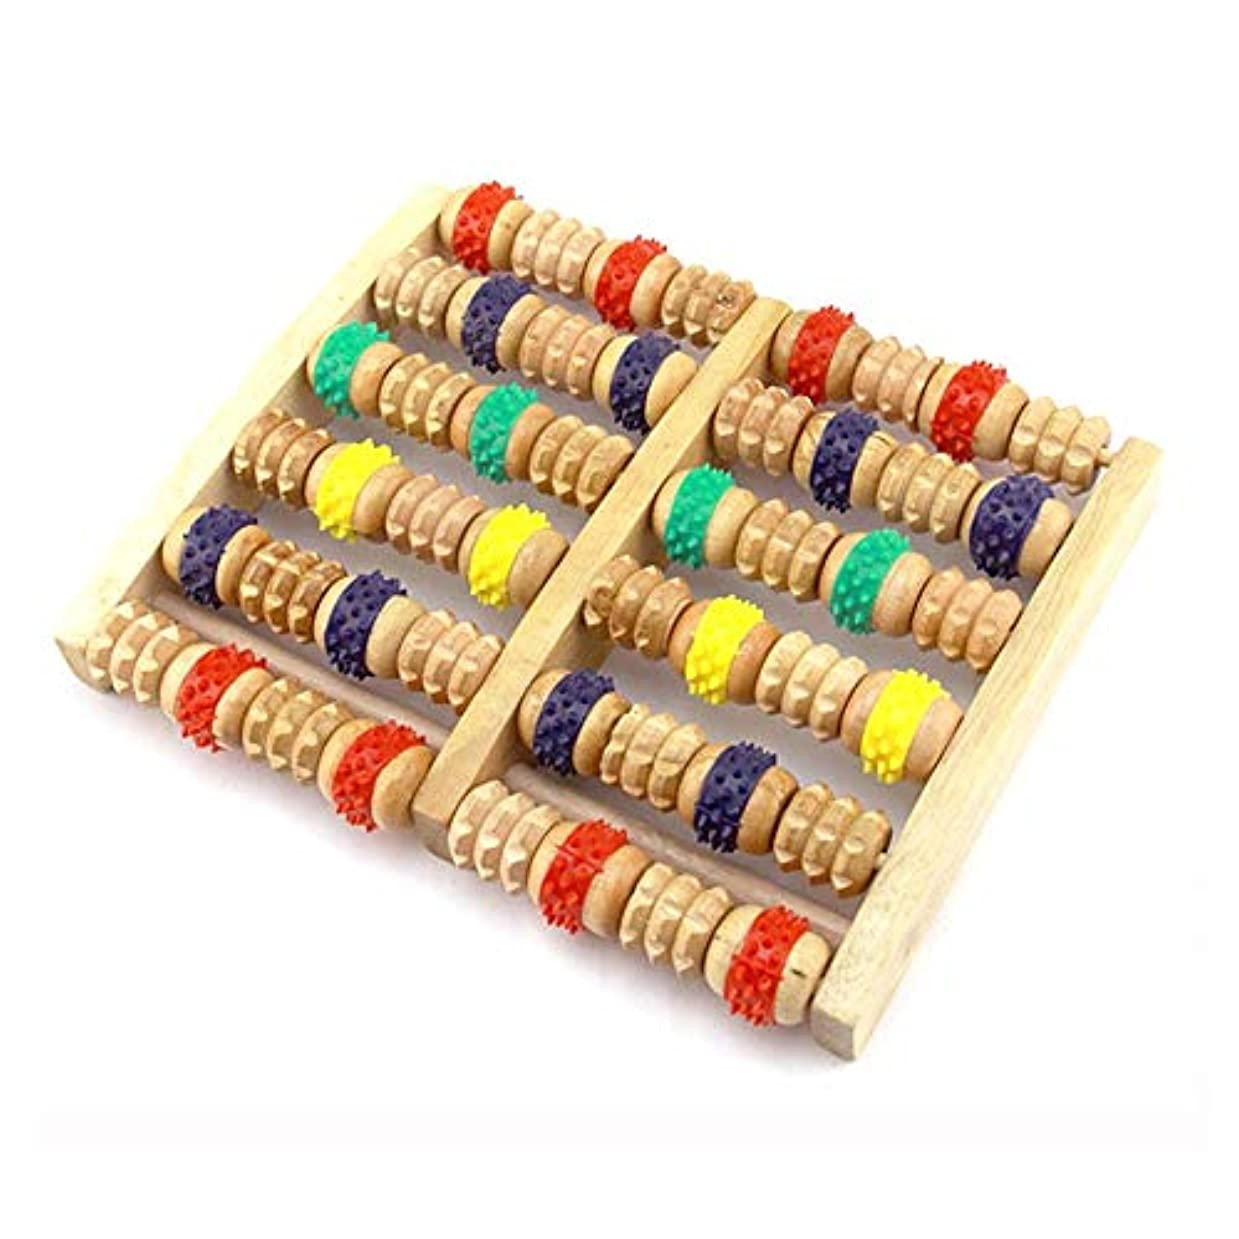 割り当て化石レンズ足裏マッサージローラー フットマッサージローラーデュアルマッサージローラーの木製フットマッサージャー色六行は、汎用性と簡単に使用することです 軽量で使いやすく、足の痛みを和らげます (Color : As picture, Size : 27x20.5x5cm)